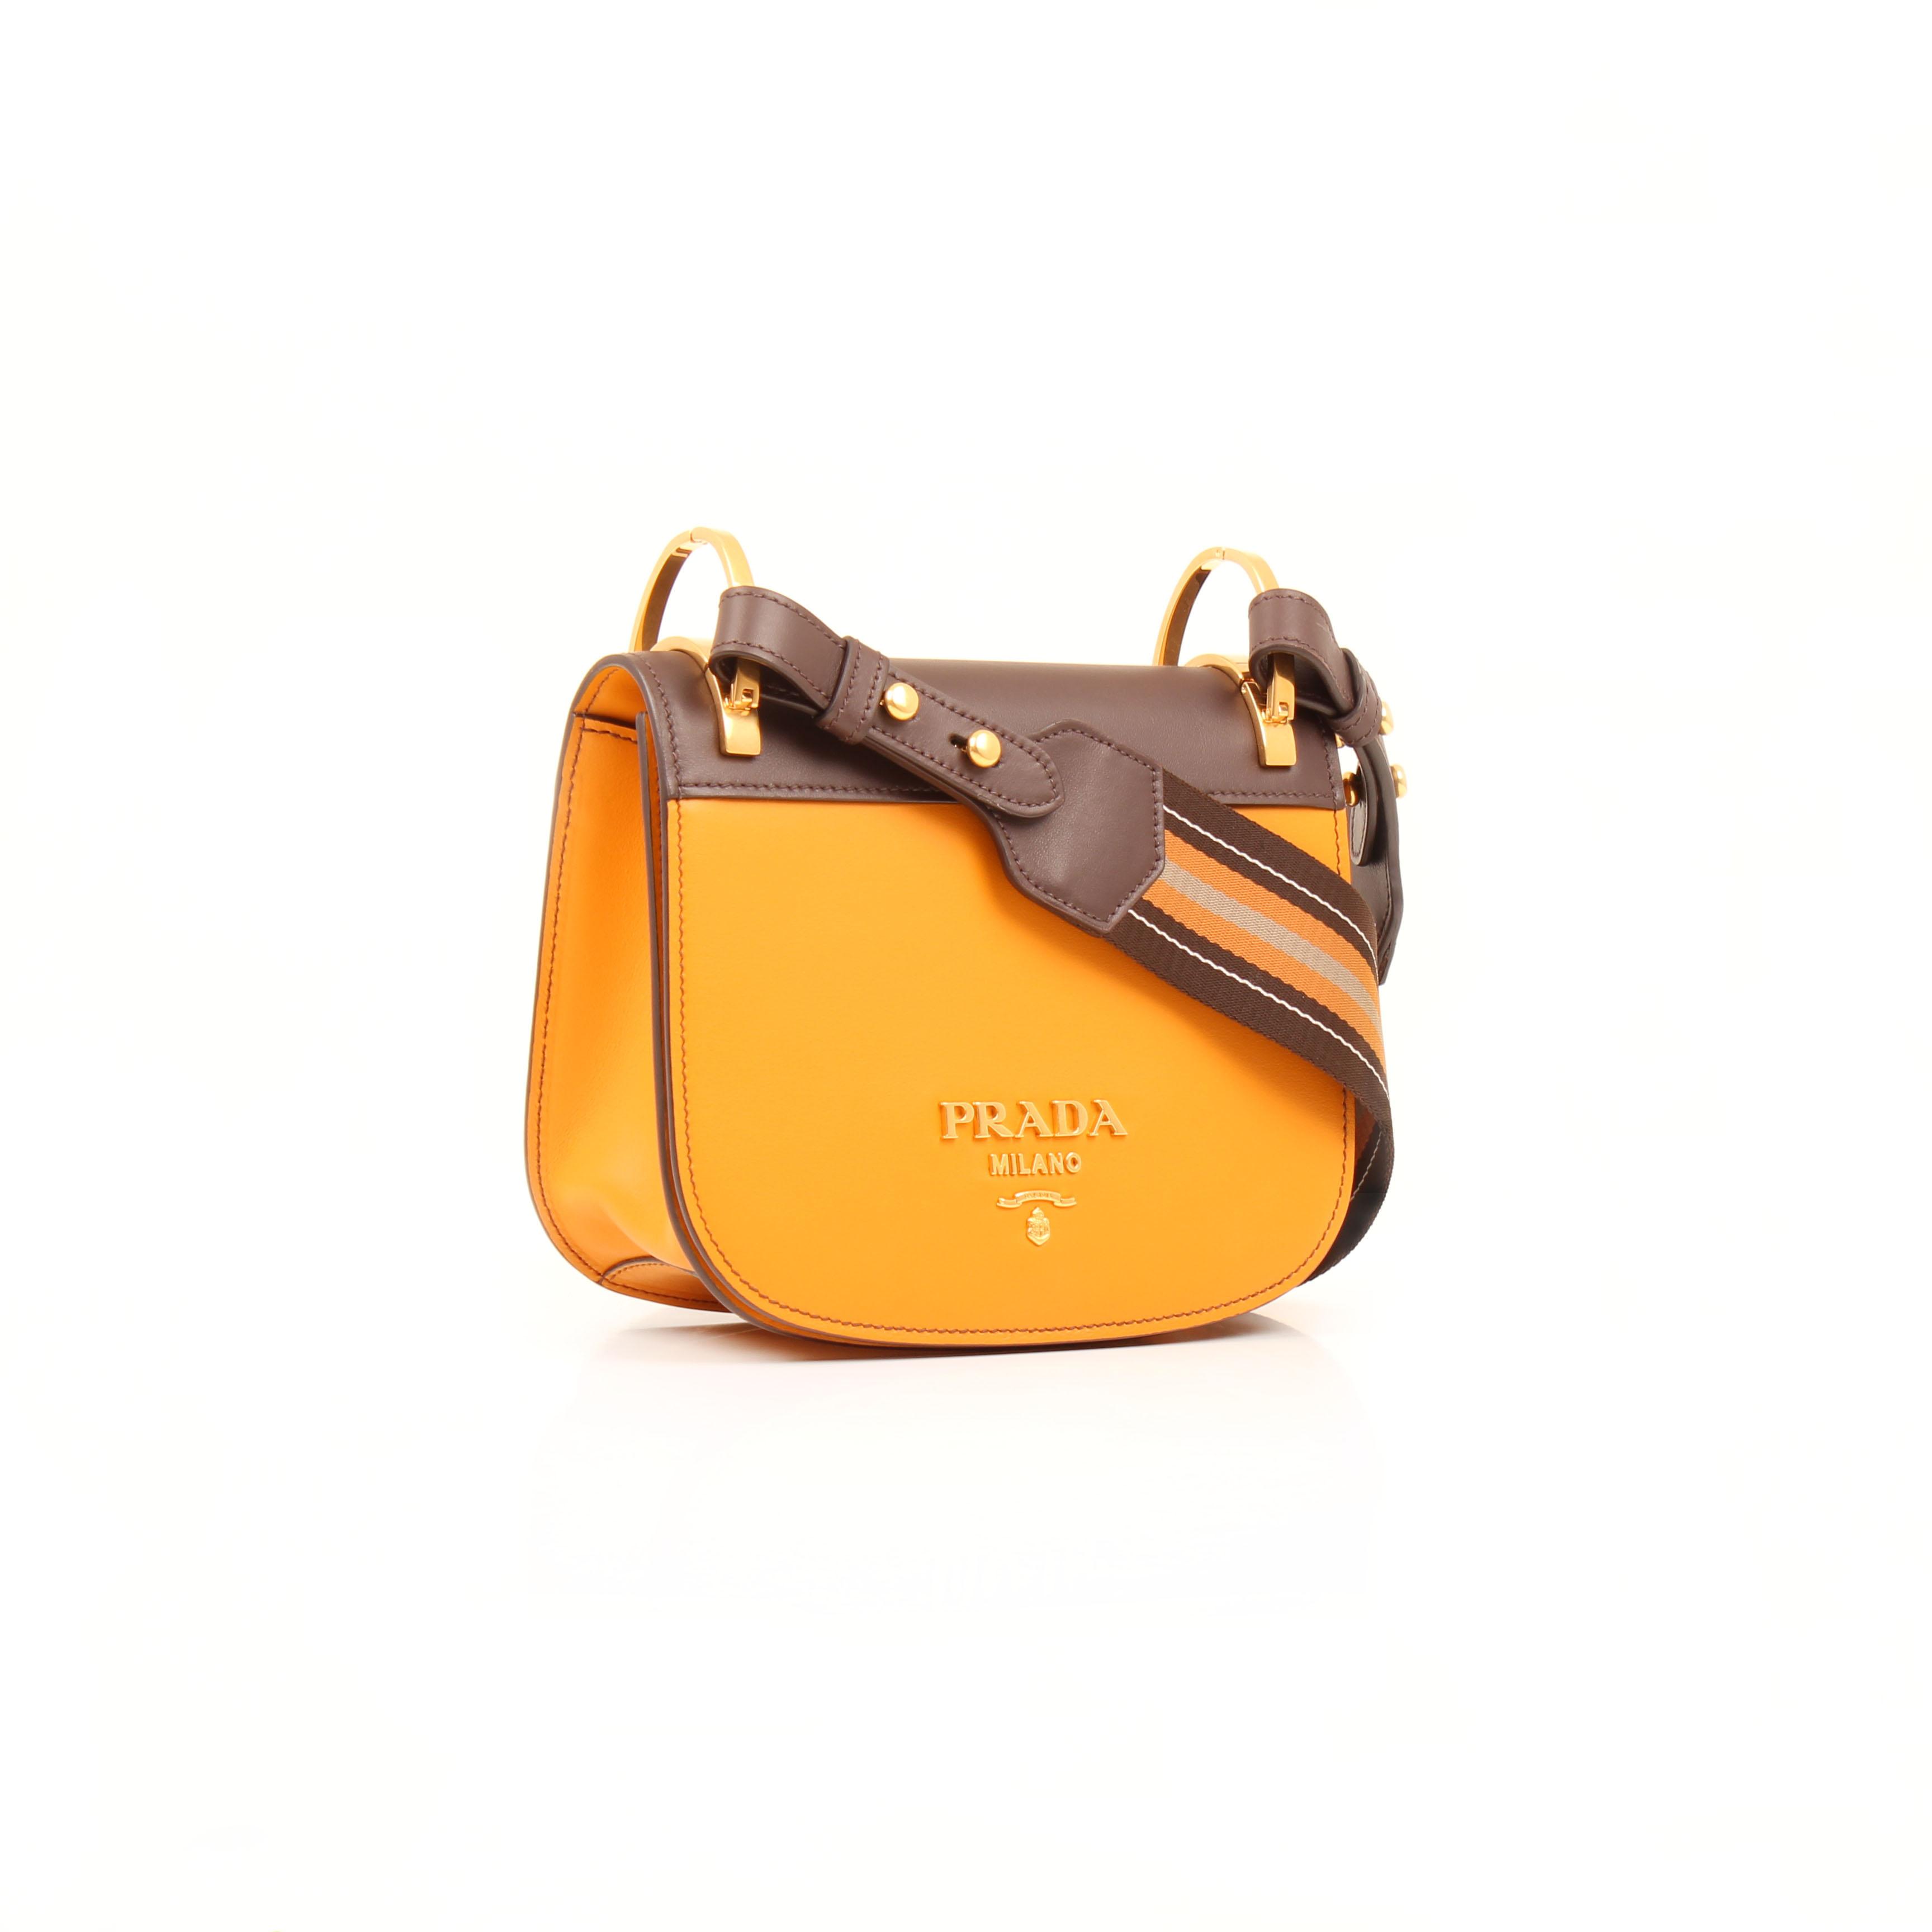 276e6c8e9a72cd Prada Bag Pionnière Bicolor City Calf Leather Shoulder Bag I CBL Bags